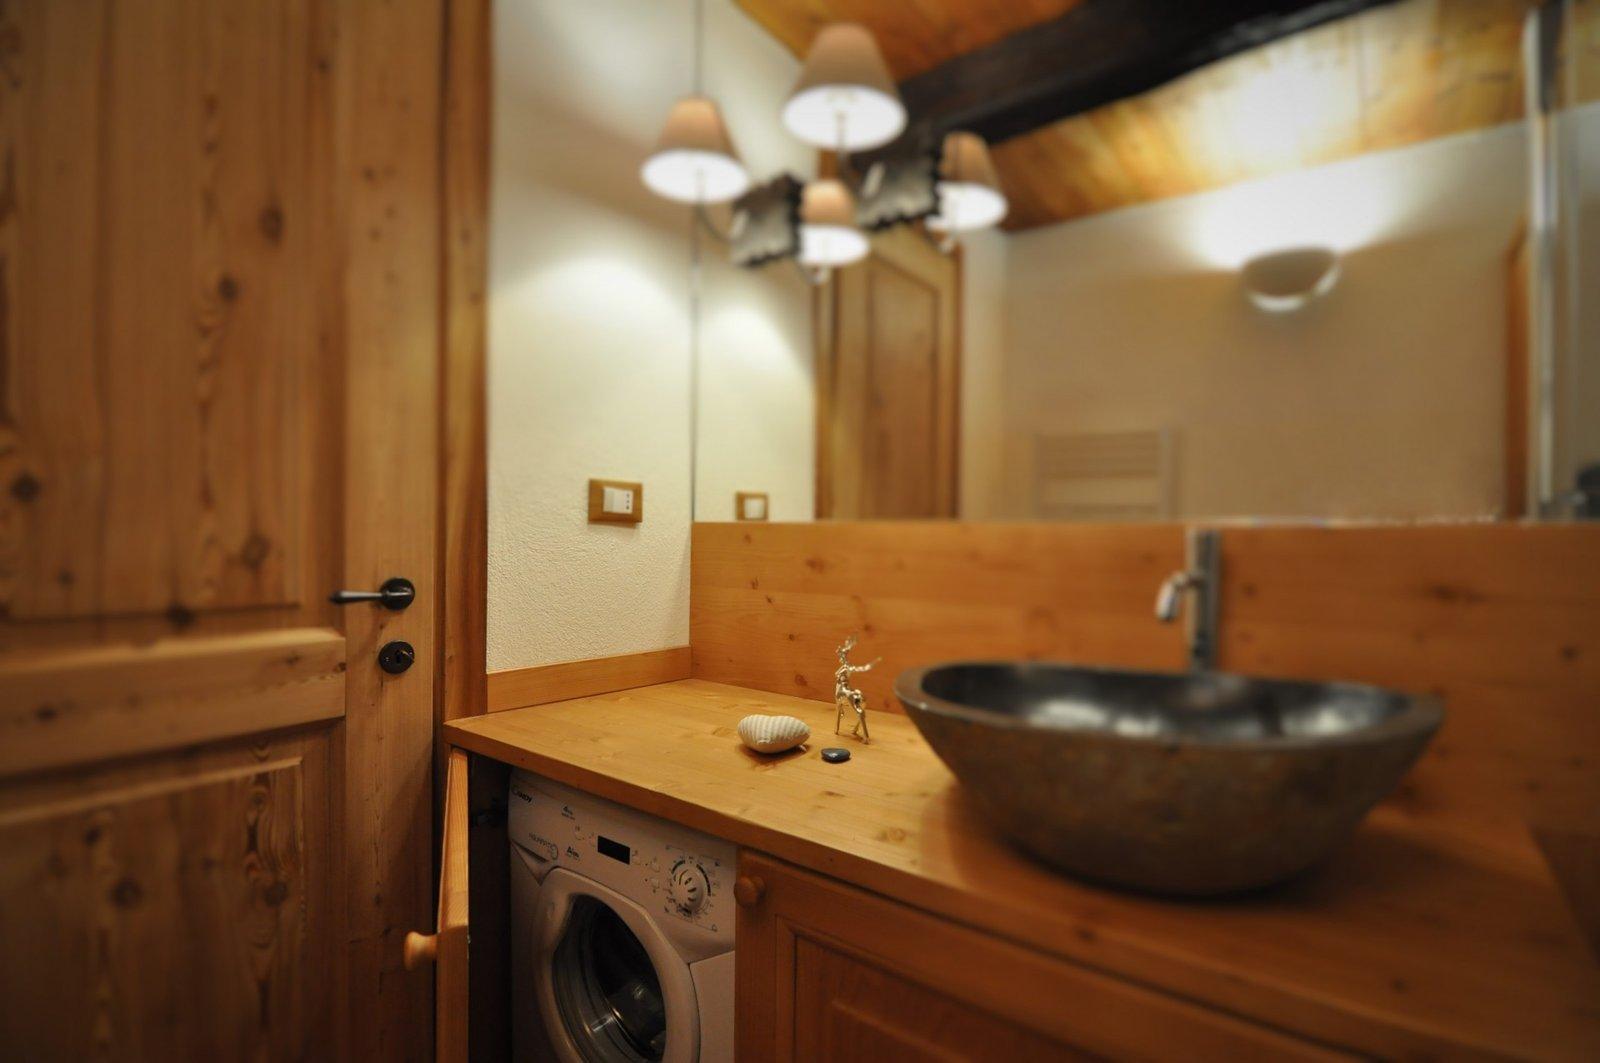 arredi su misura consentono di nascondere la lavabiancheria in uno dei due bagni